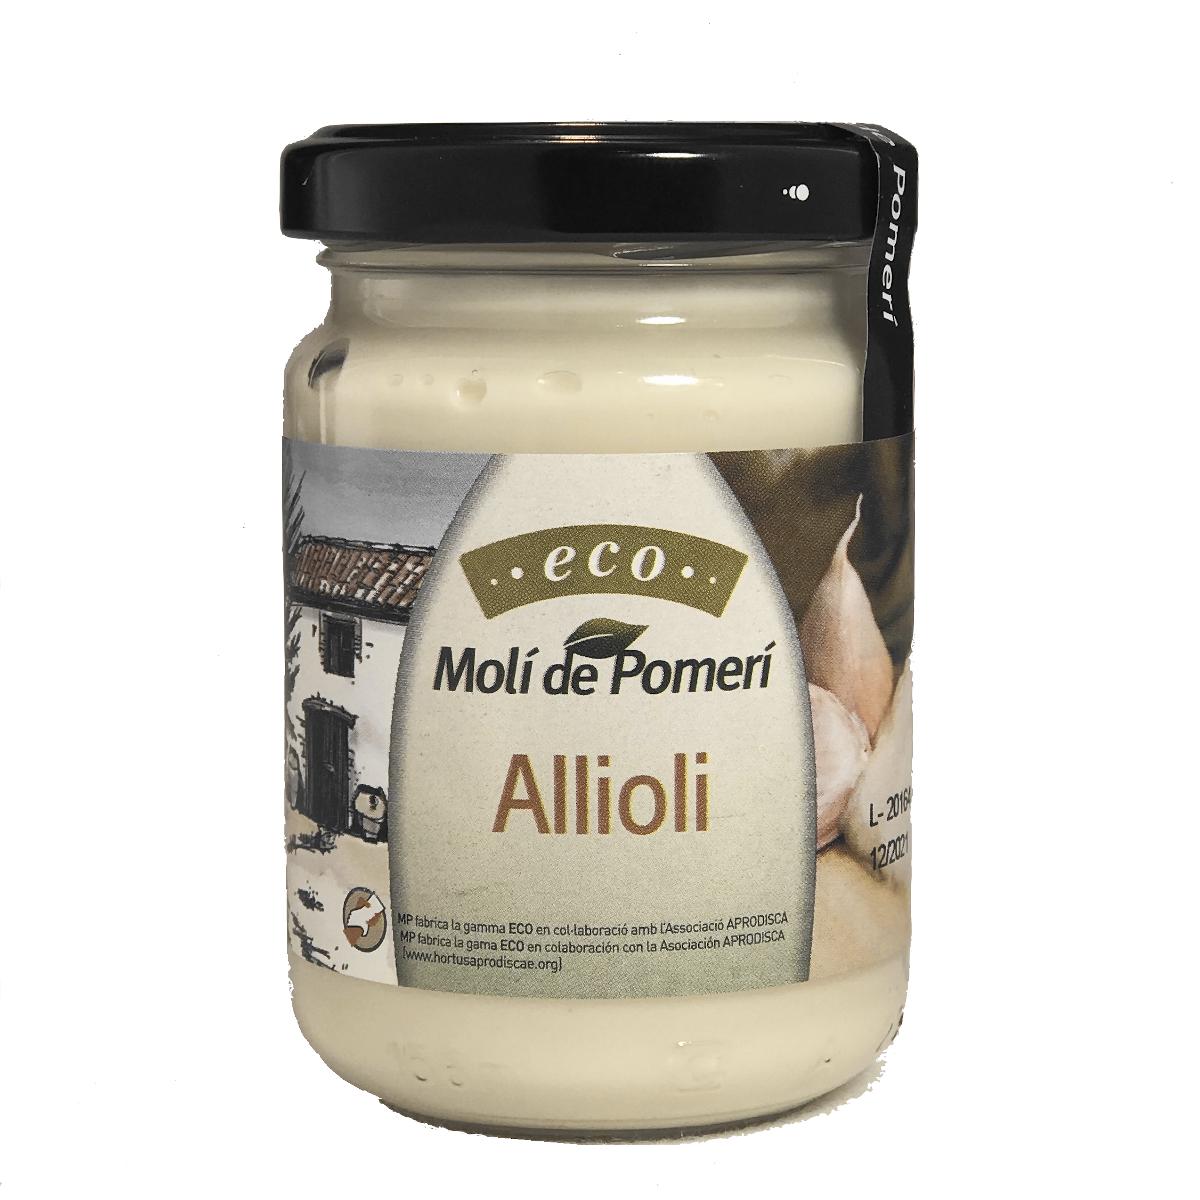 Allioli - Knoblauchmayonaise - Molí de Pomerí